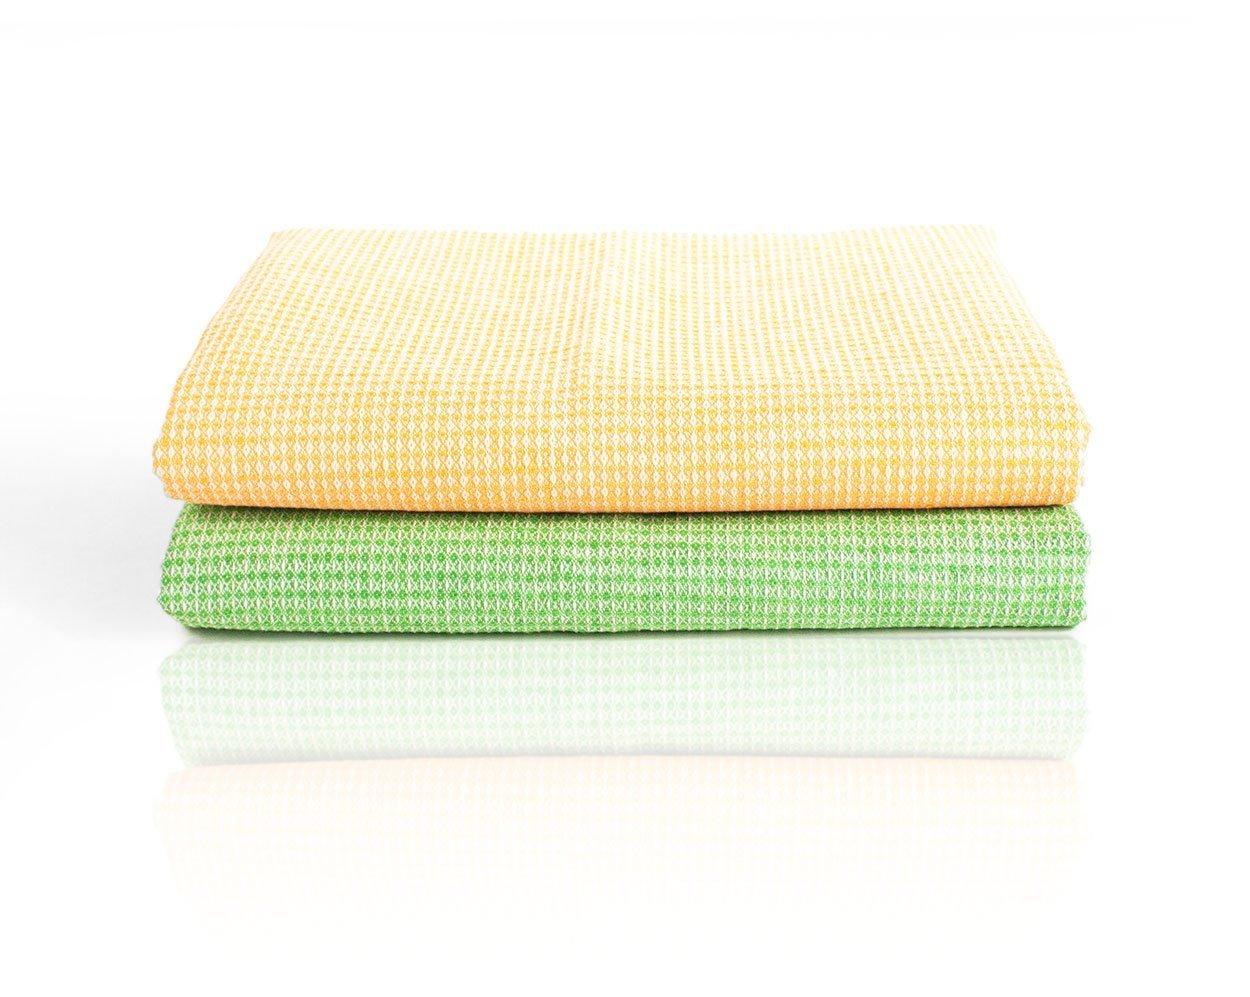 14c105 Вафелька - вафельные полотенца, простыни для сауны Elin